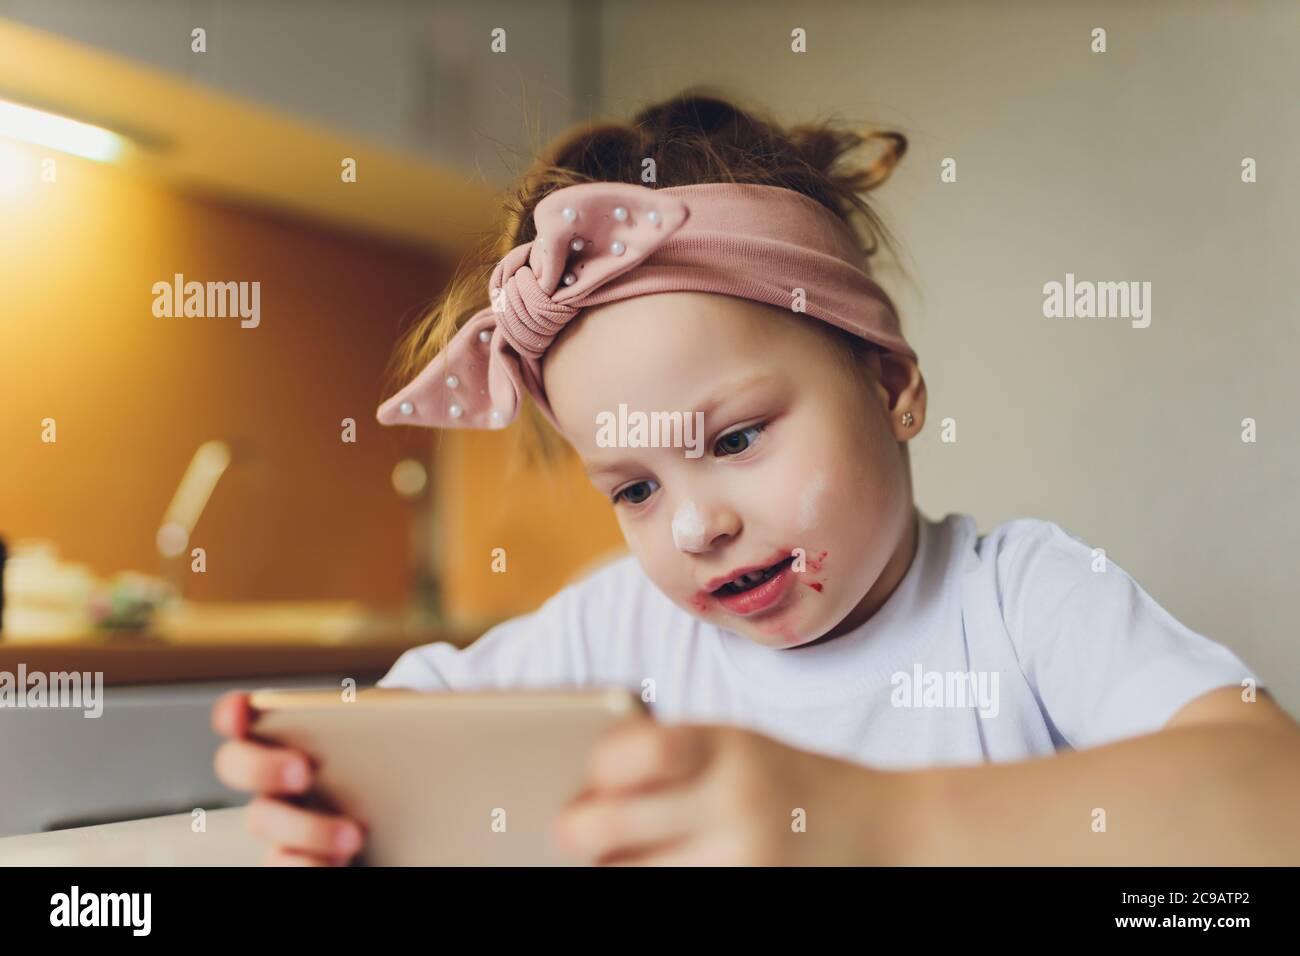 Fille mangeant à la table jouant au téléphone. Banque D'Images